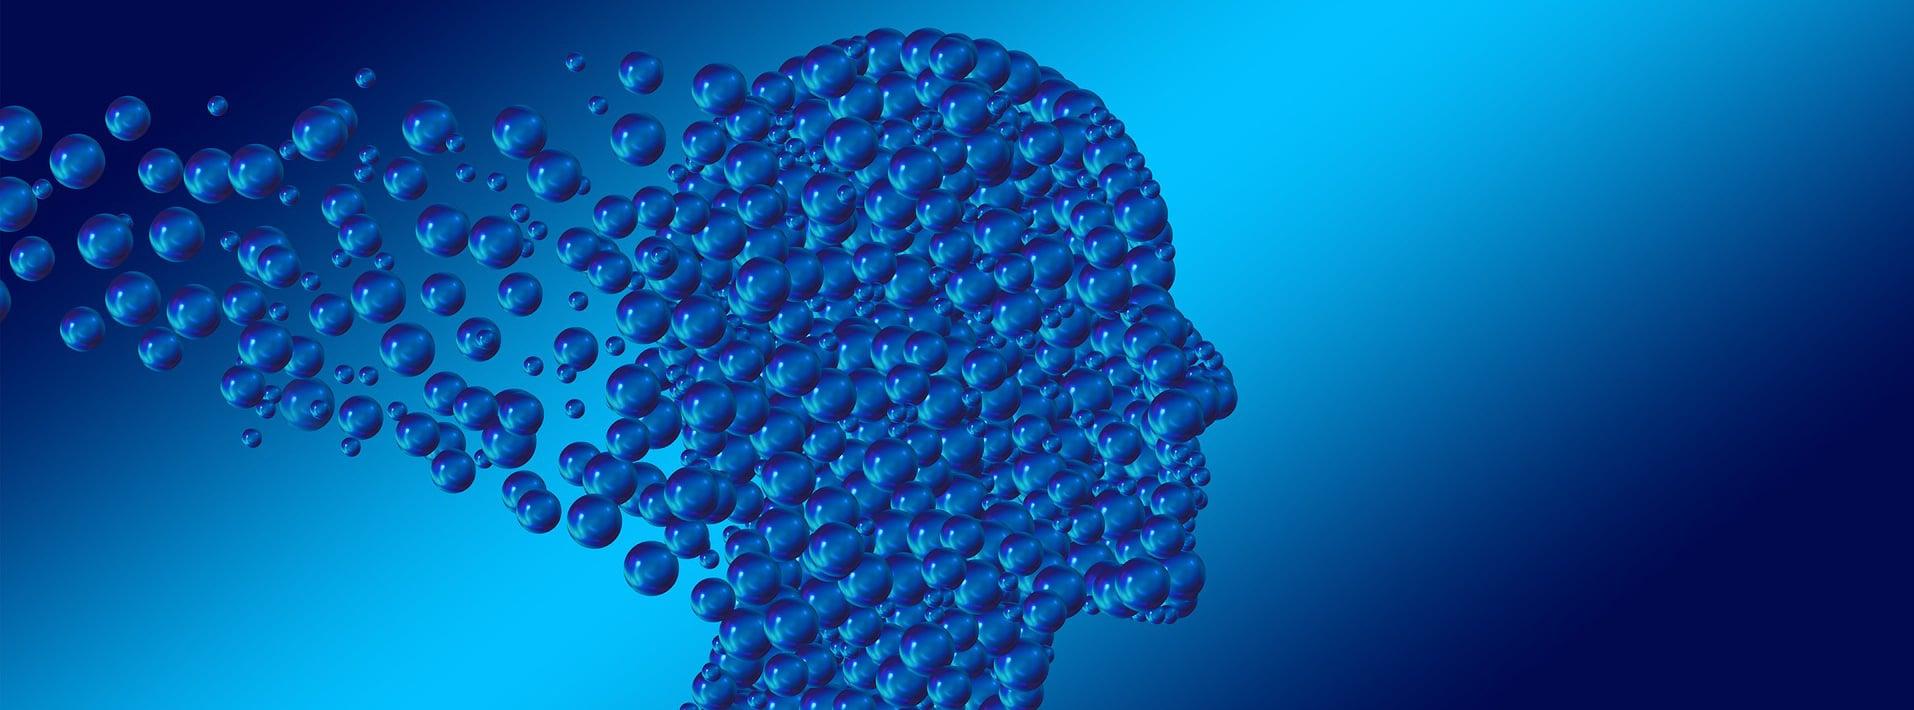 Psychologie - Strukturmodell des Psyche